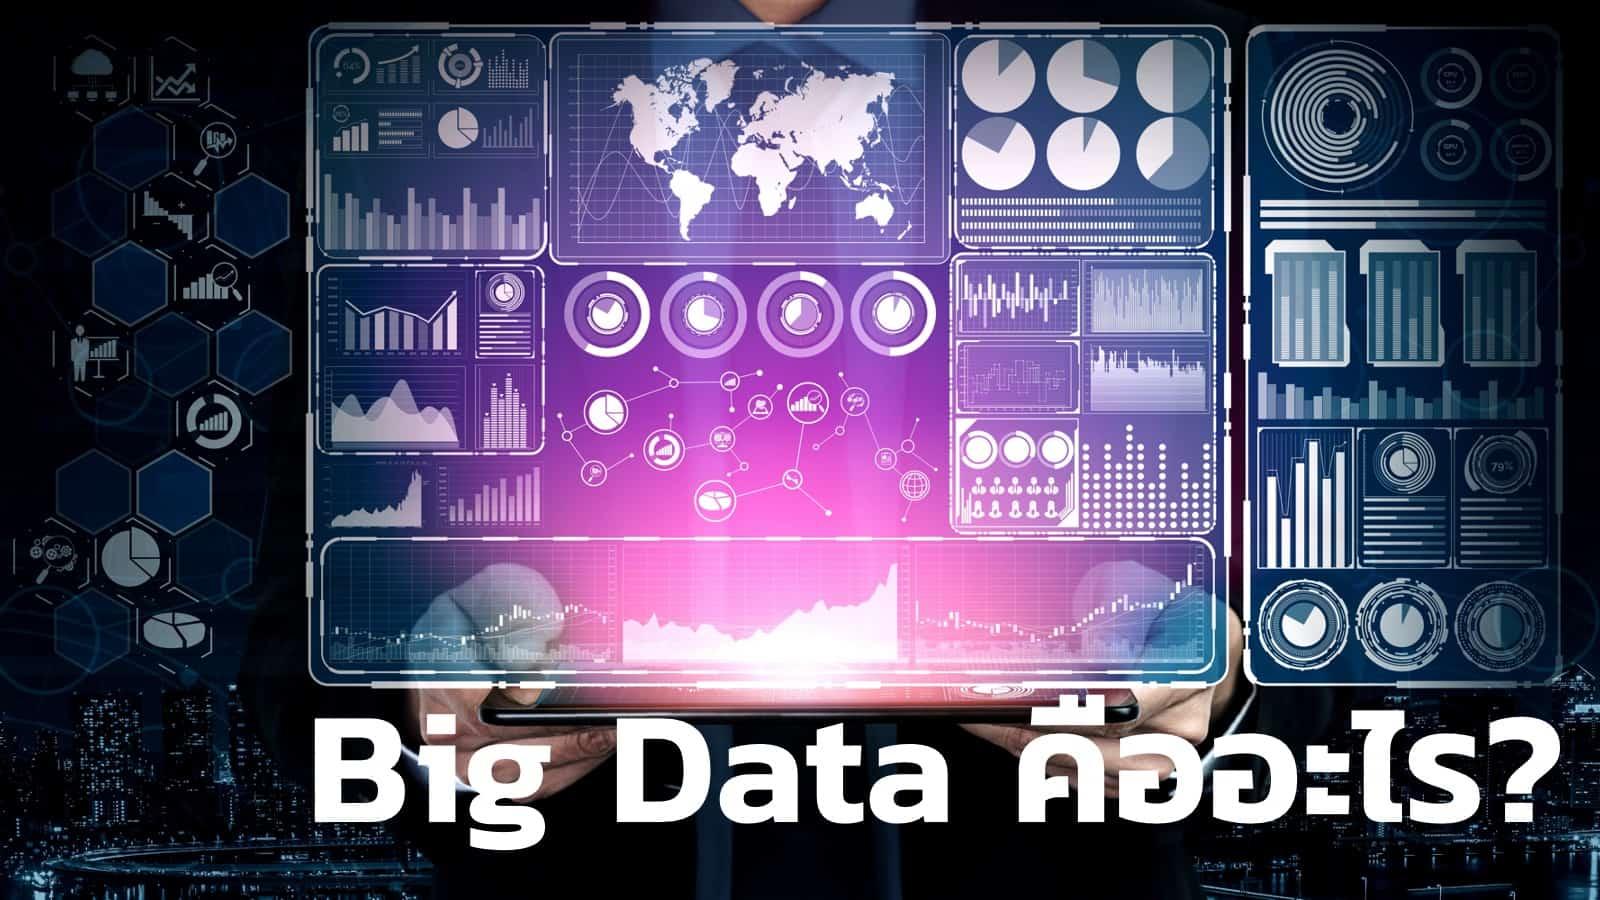 [Data 101] Big Data คืออะไร? เรื่องสำคัญของนักการตลาดที่ไม่อยากตกงานต้องรู้